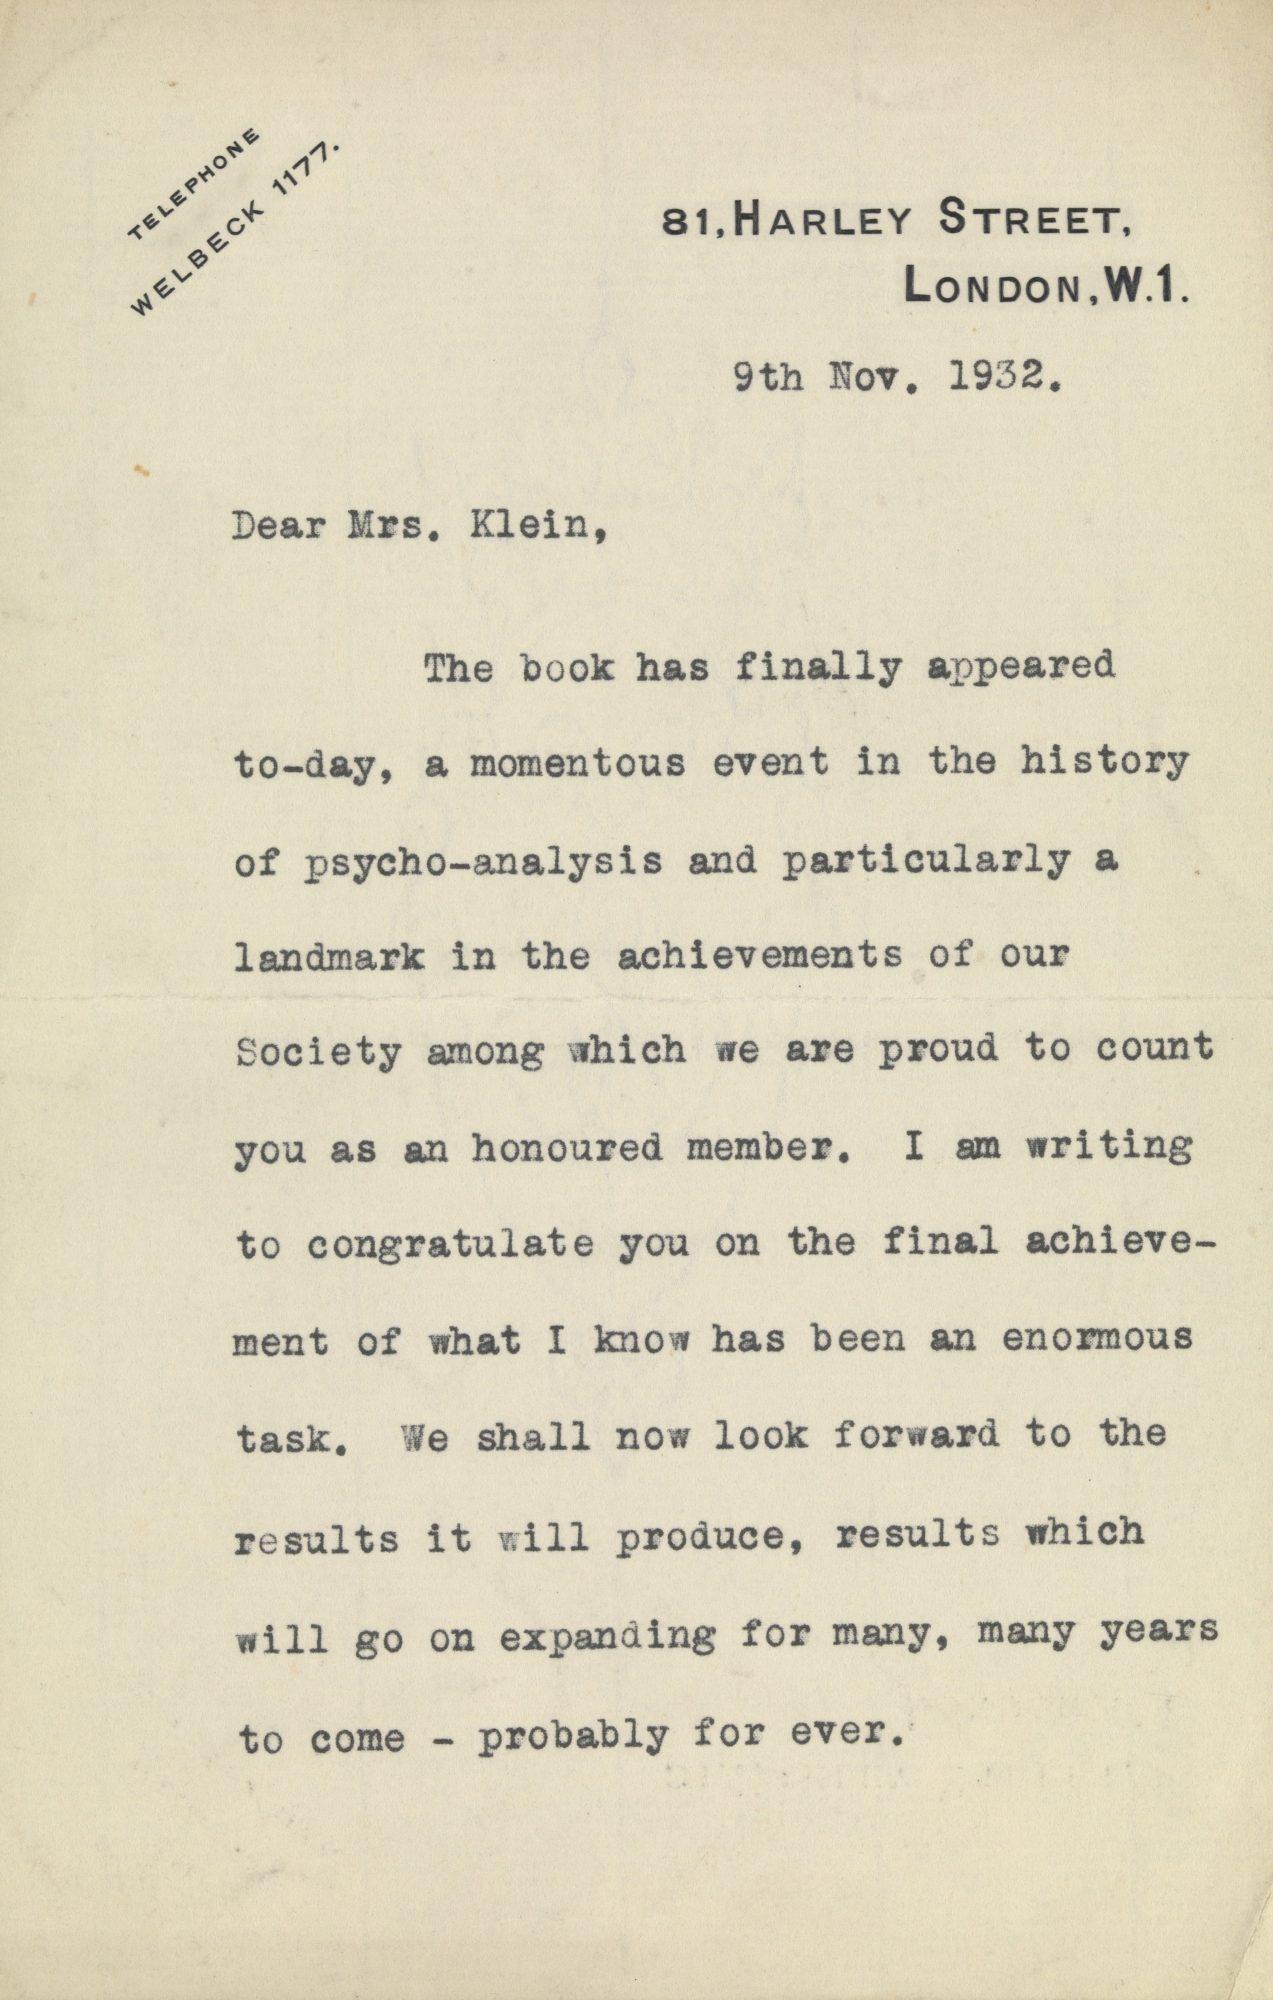 Une lettre de Klein à Ernest Jones, en date du 9 novembre 1932